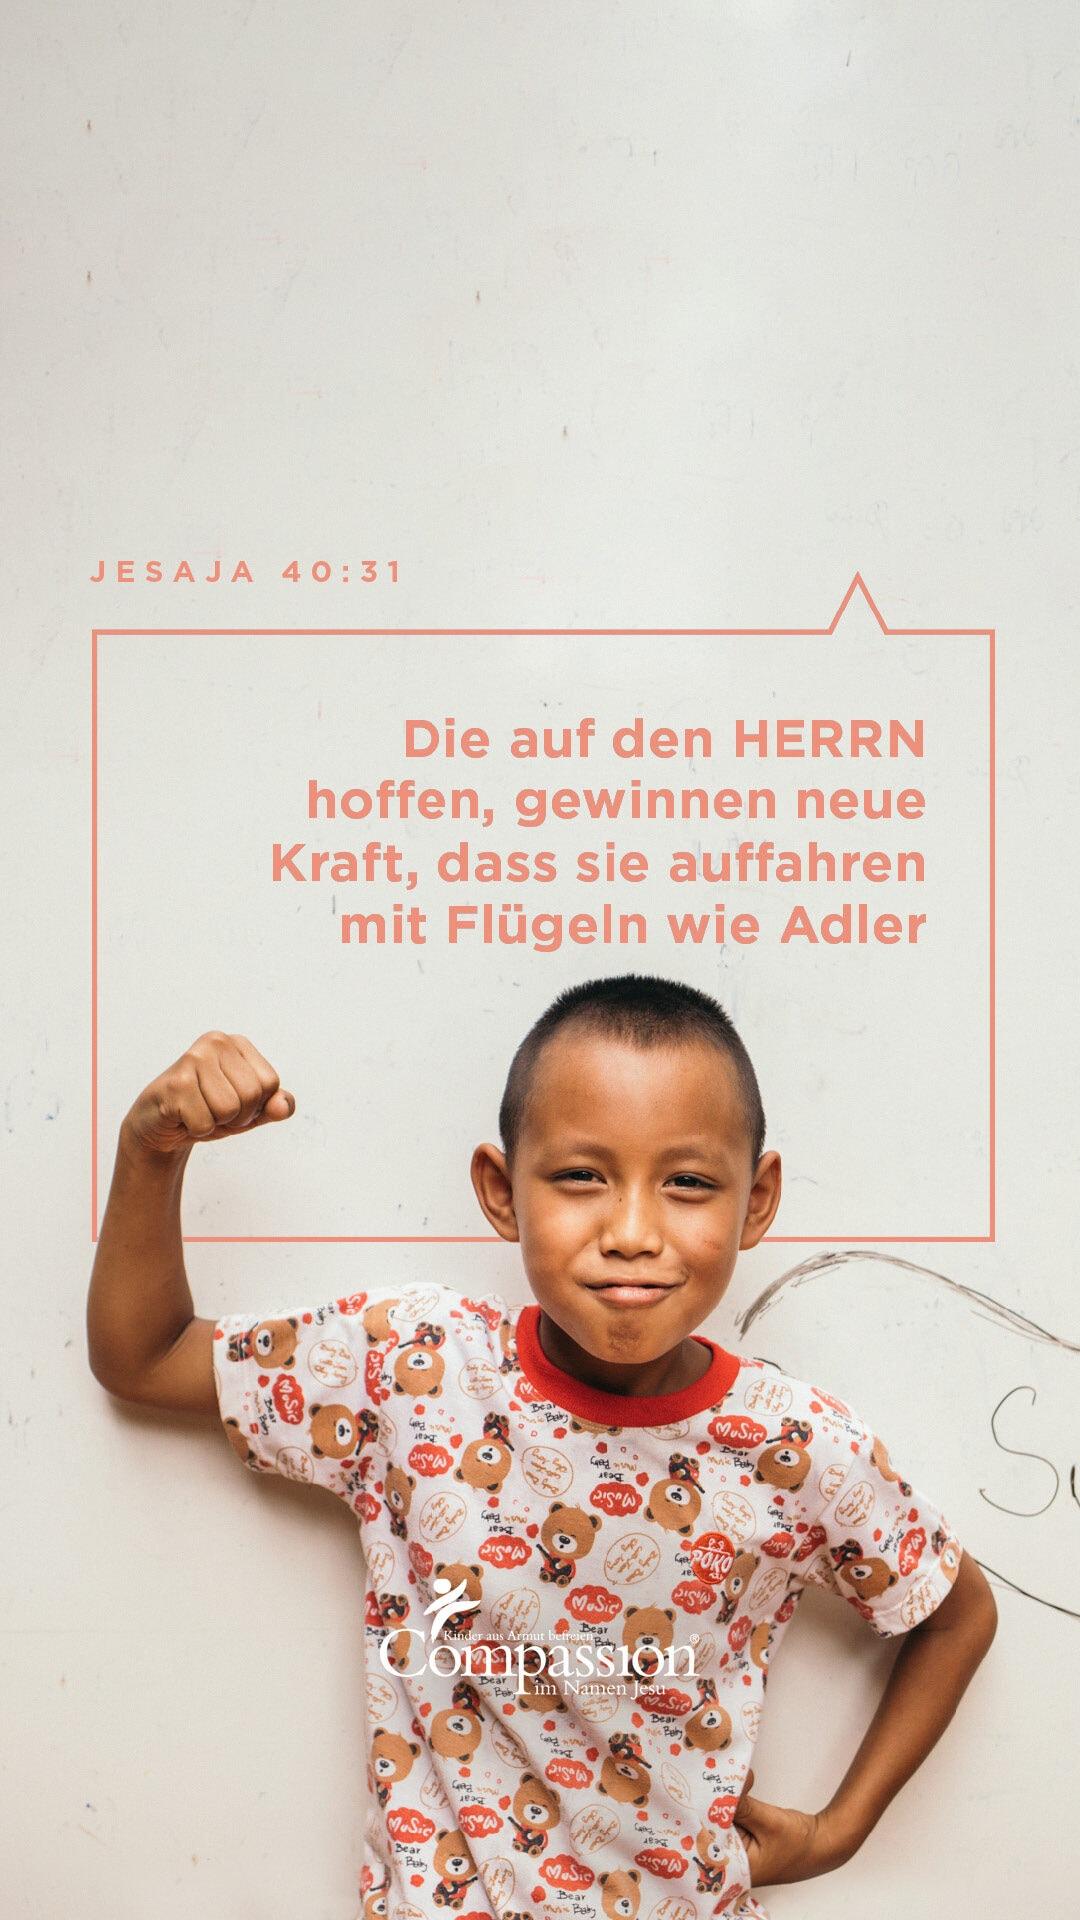 """alt=""""Jesaja_40_31_Wallpaper_Compassion_Deutschland"""""""